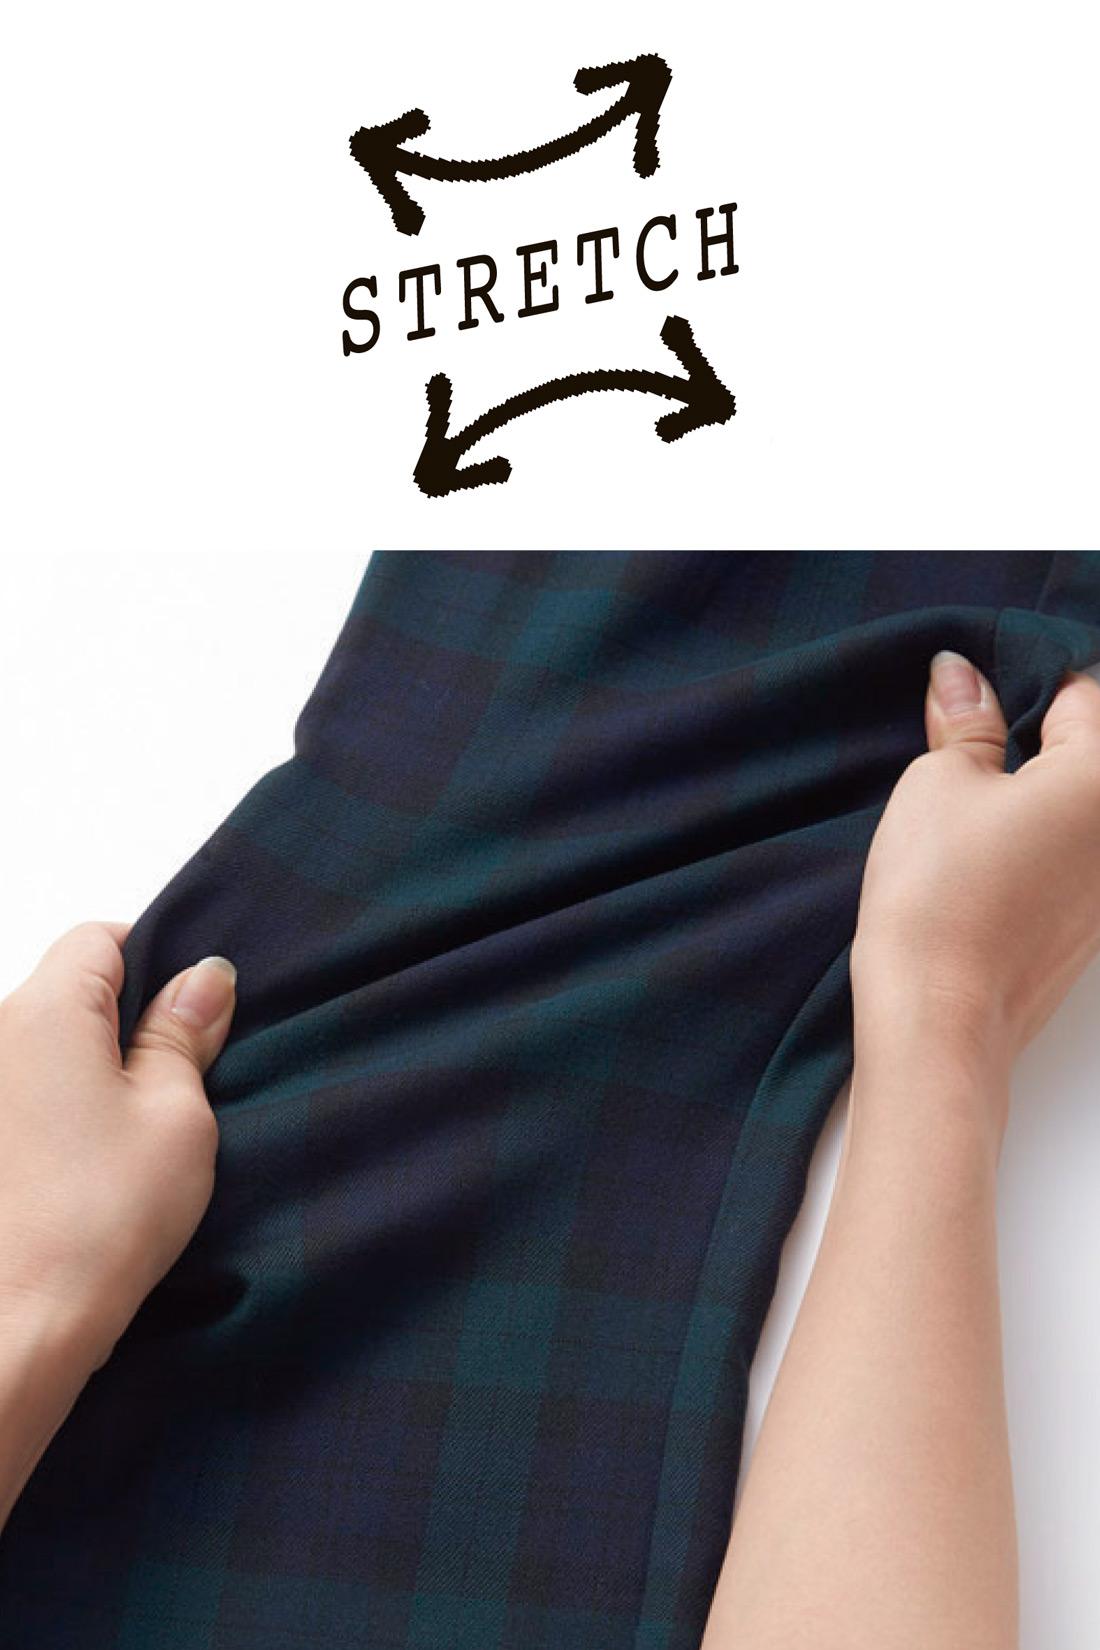 伸びやかストレッチ素材でアクティブに動けます。 ※お届けするカラーとは異なります。